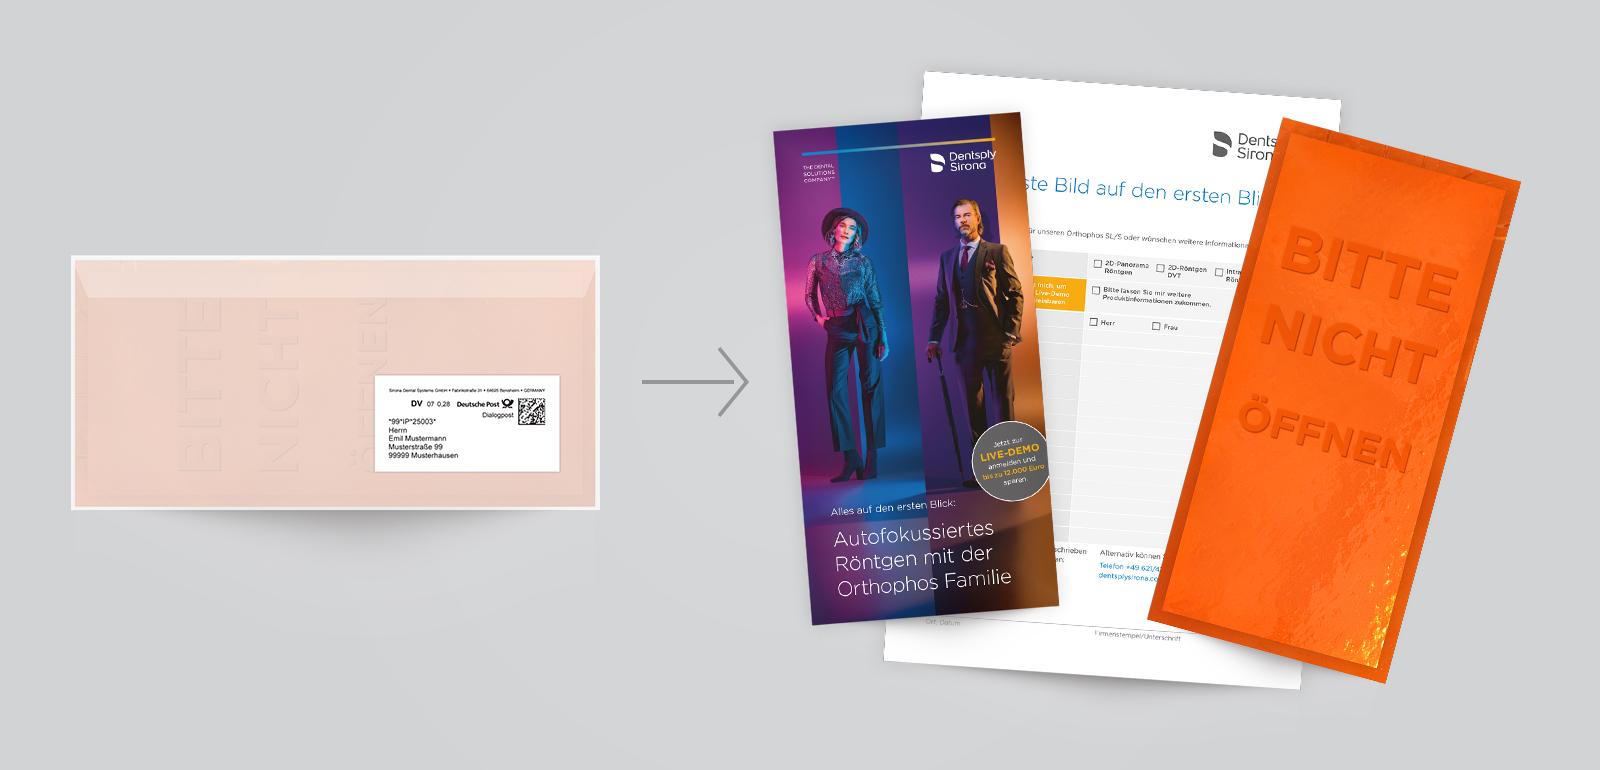 """Direct Mailing der aktuellen Röntgen-Kampagne """"Der erste Blick"""""""